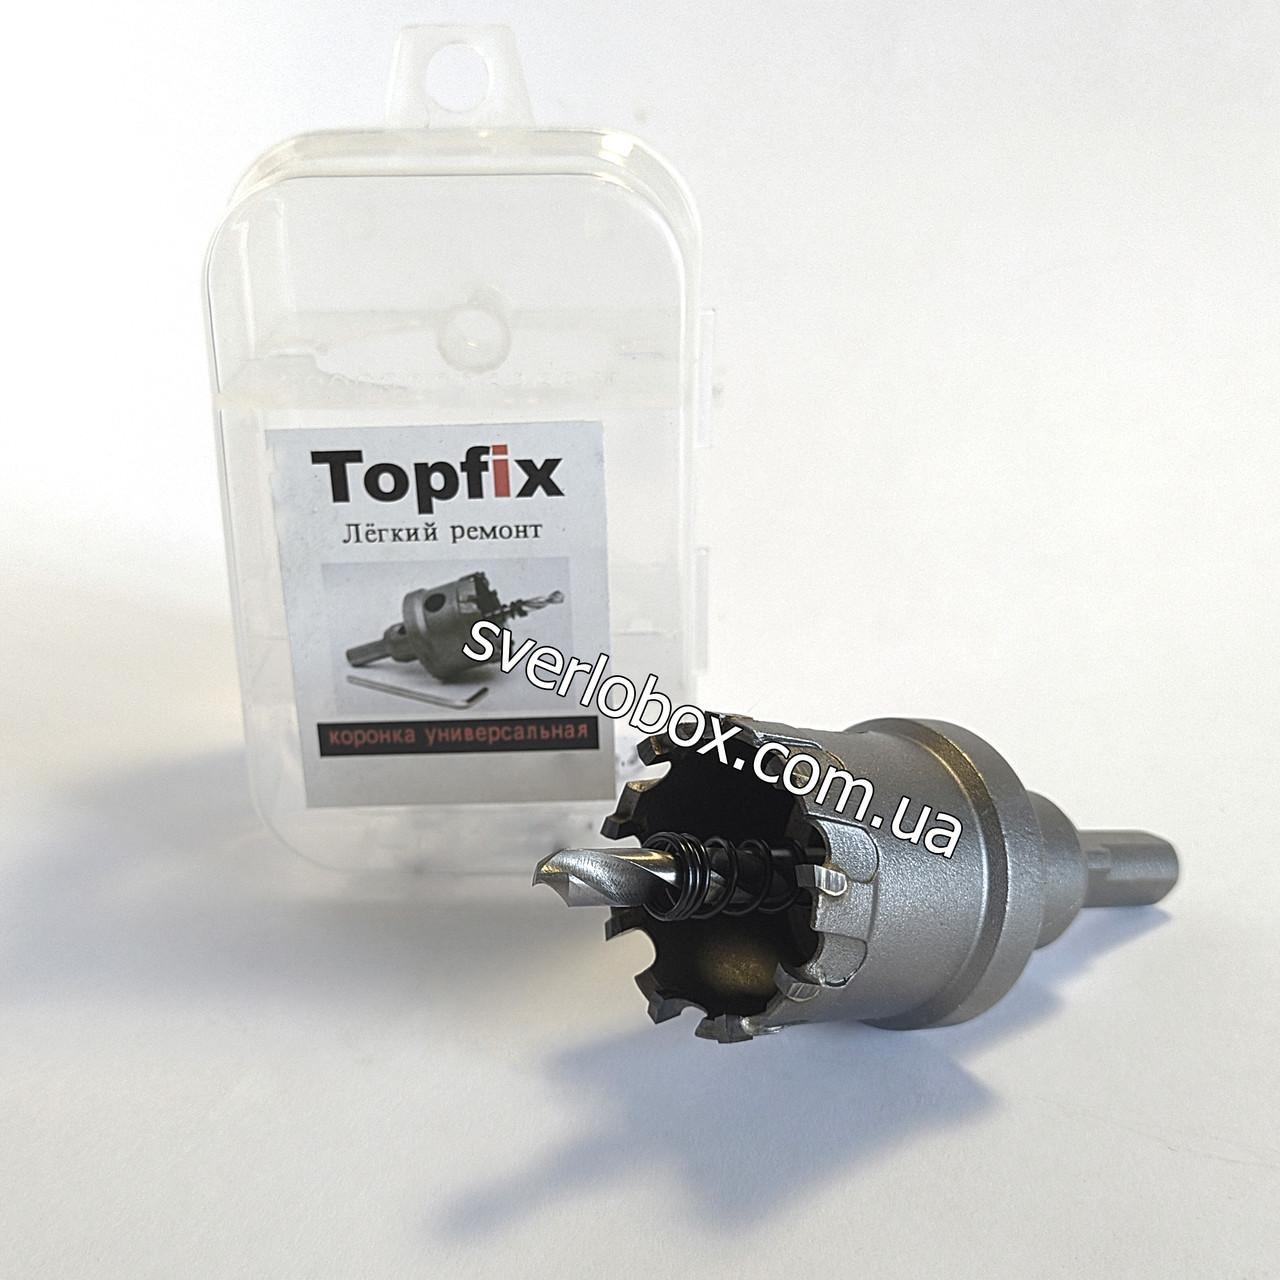 """Коронка по металу універсальна """"Topfix"""" 16 мм"""